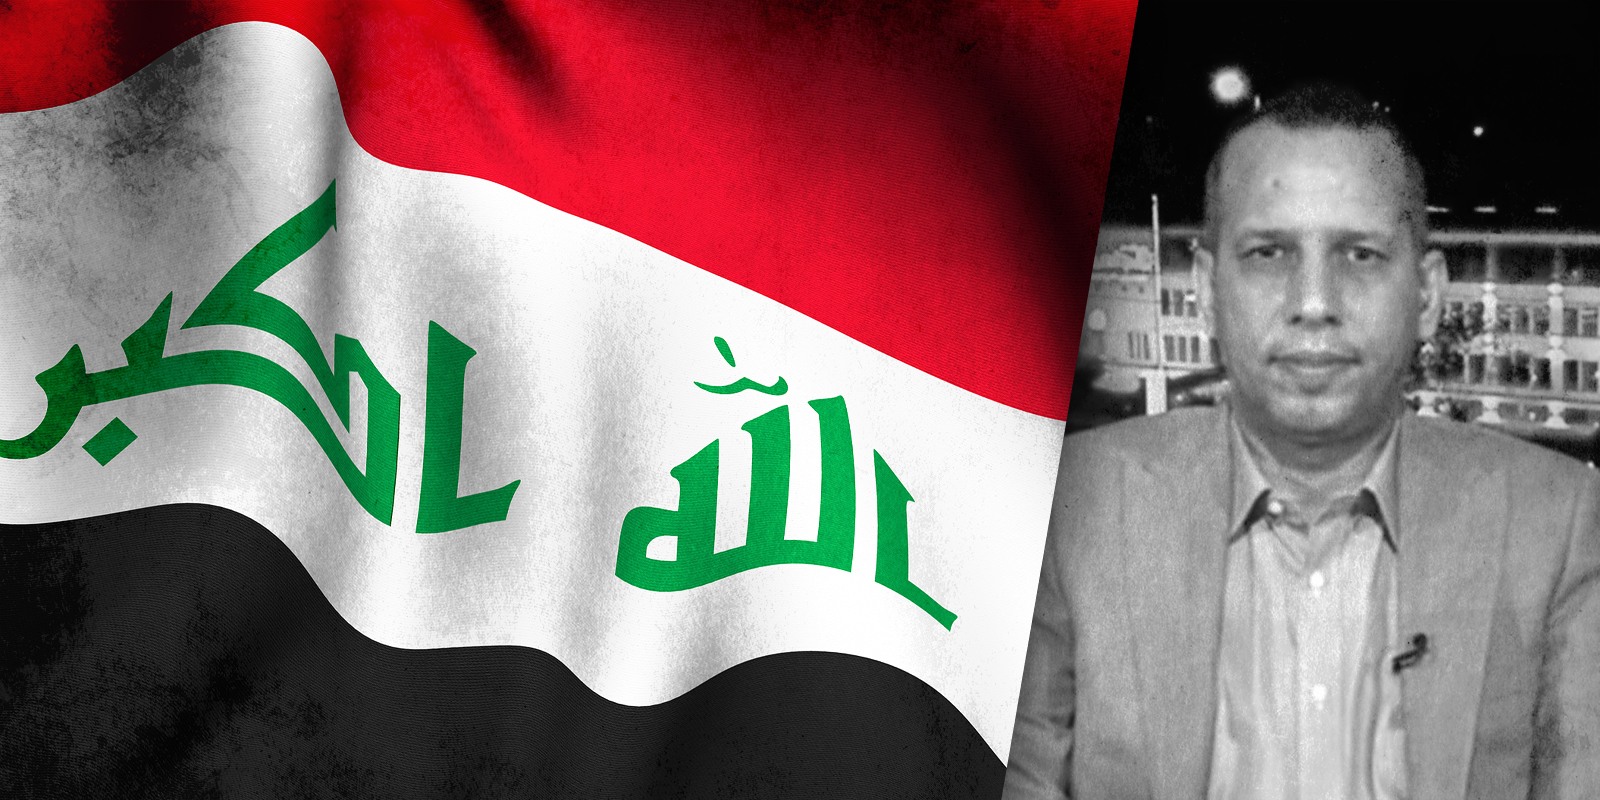 Hisham al-Hashimi and Iraq flag illustration